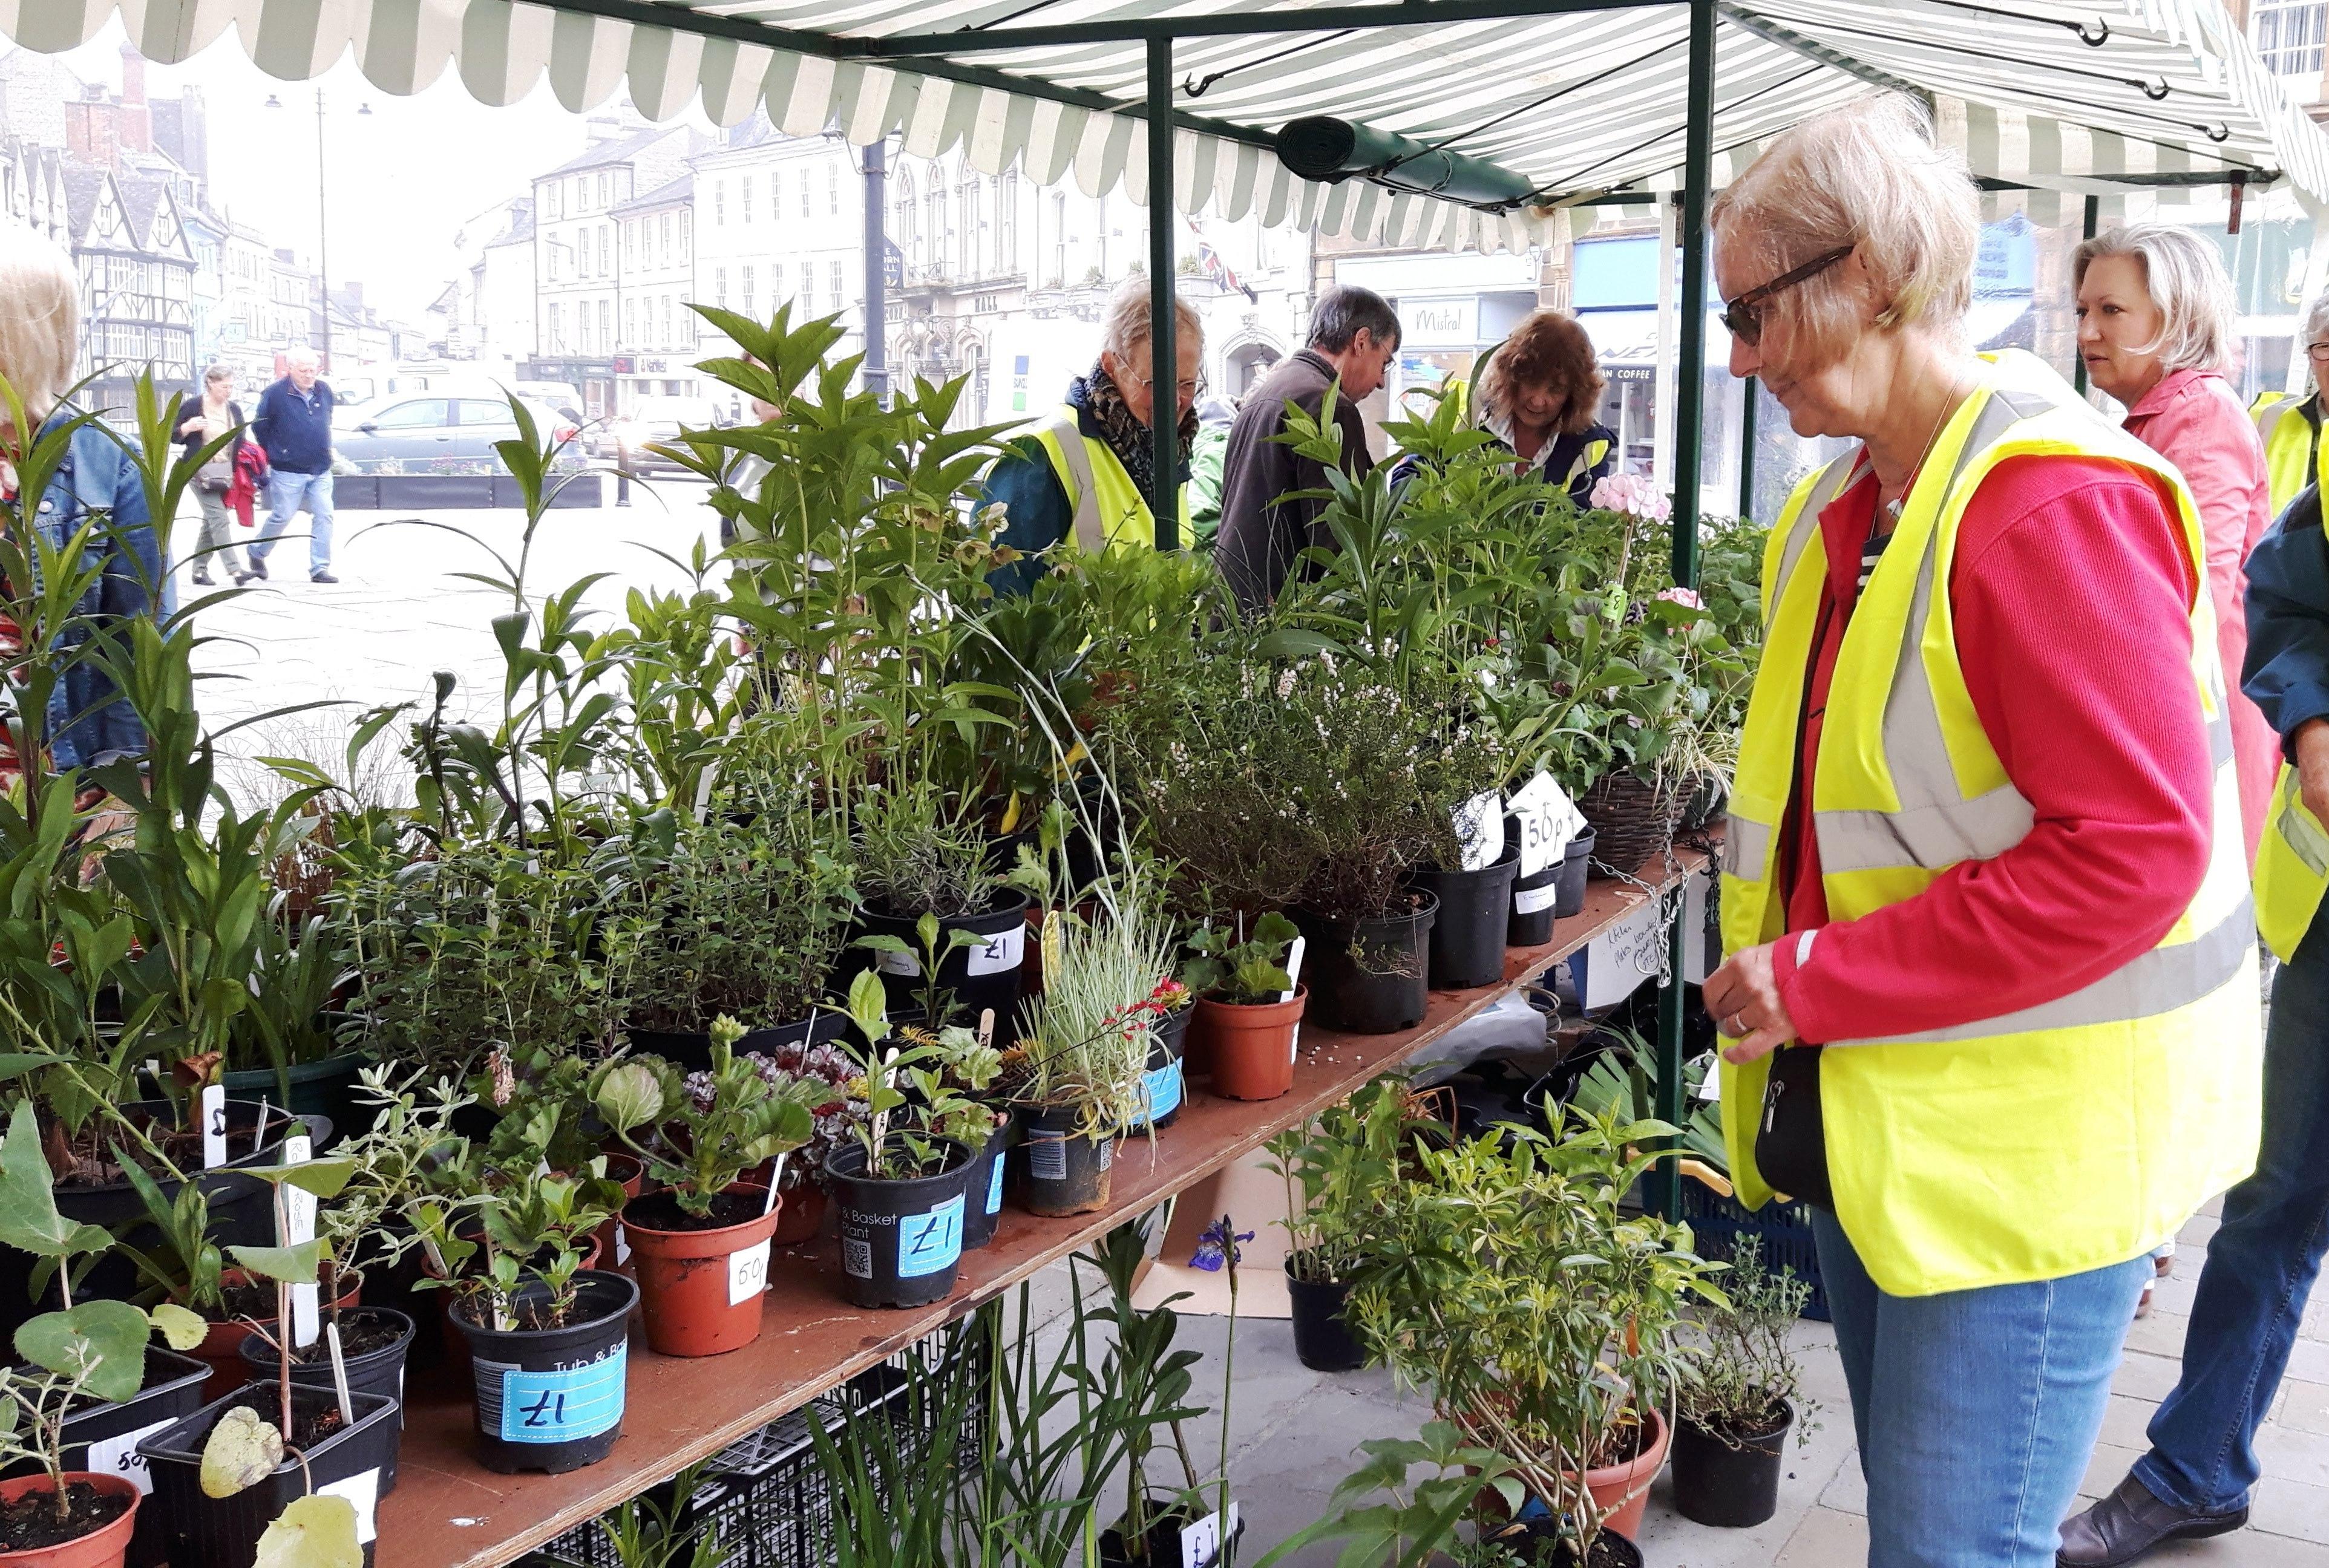 Alison at Plant Sale